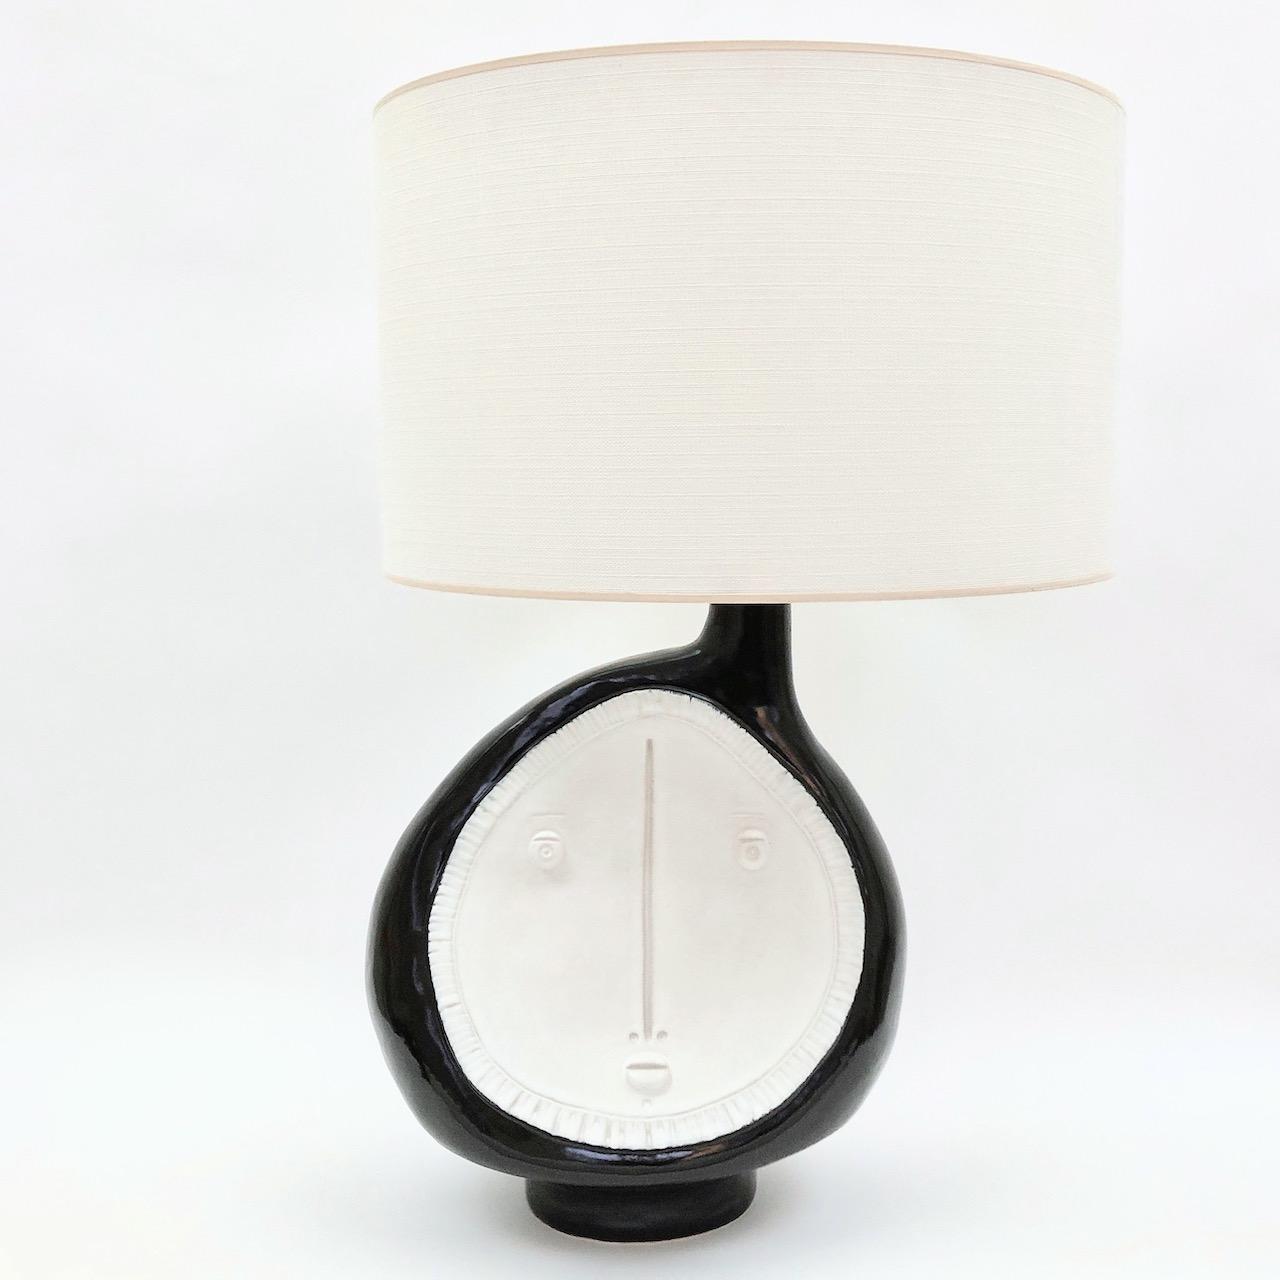 DaLo - Grand pied de lampe blanc et noir